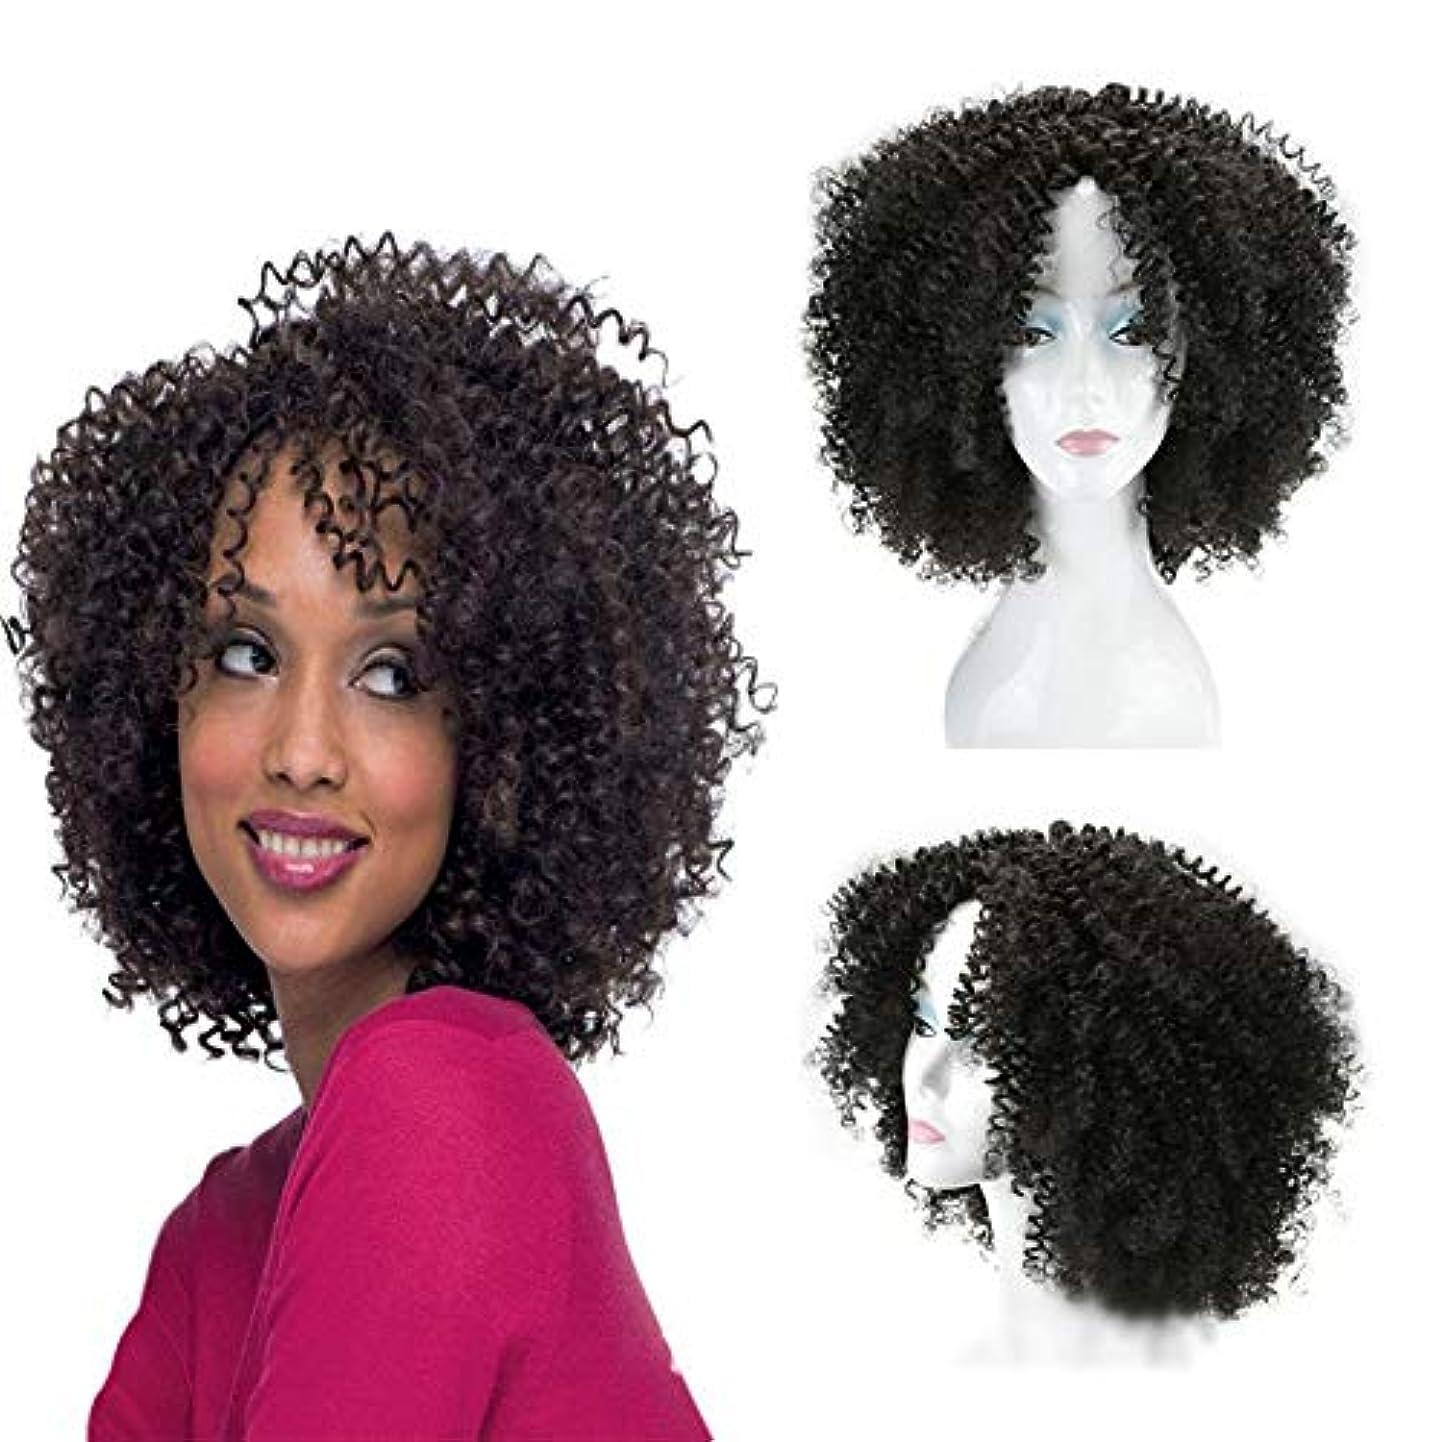 エンティティタバコ空白YOUQIU 16インチ変態カーリー黒爆発デイリーコスプレパーティードレスウィッグ用のヘッドの女性のアフリカの小カーリーヘア (色 : 黒)